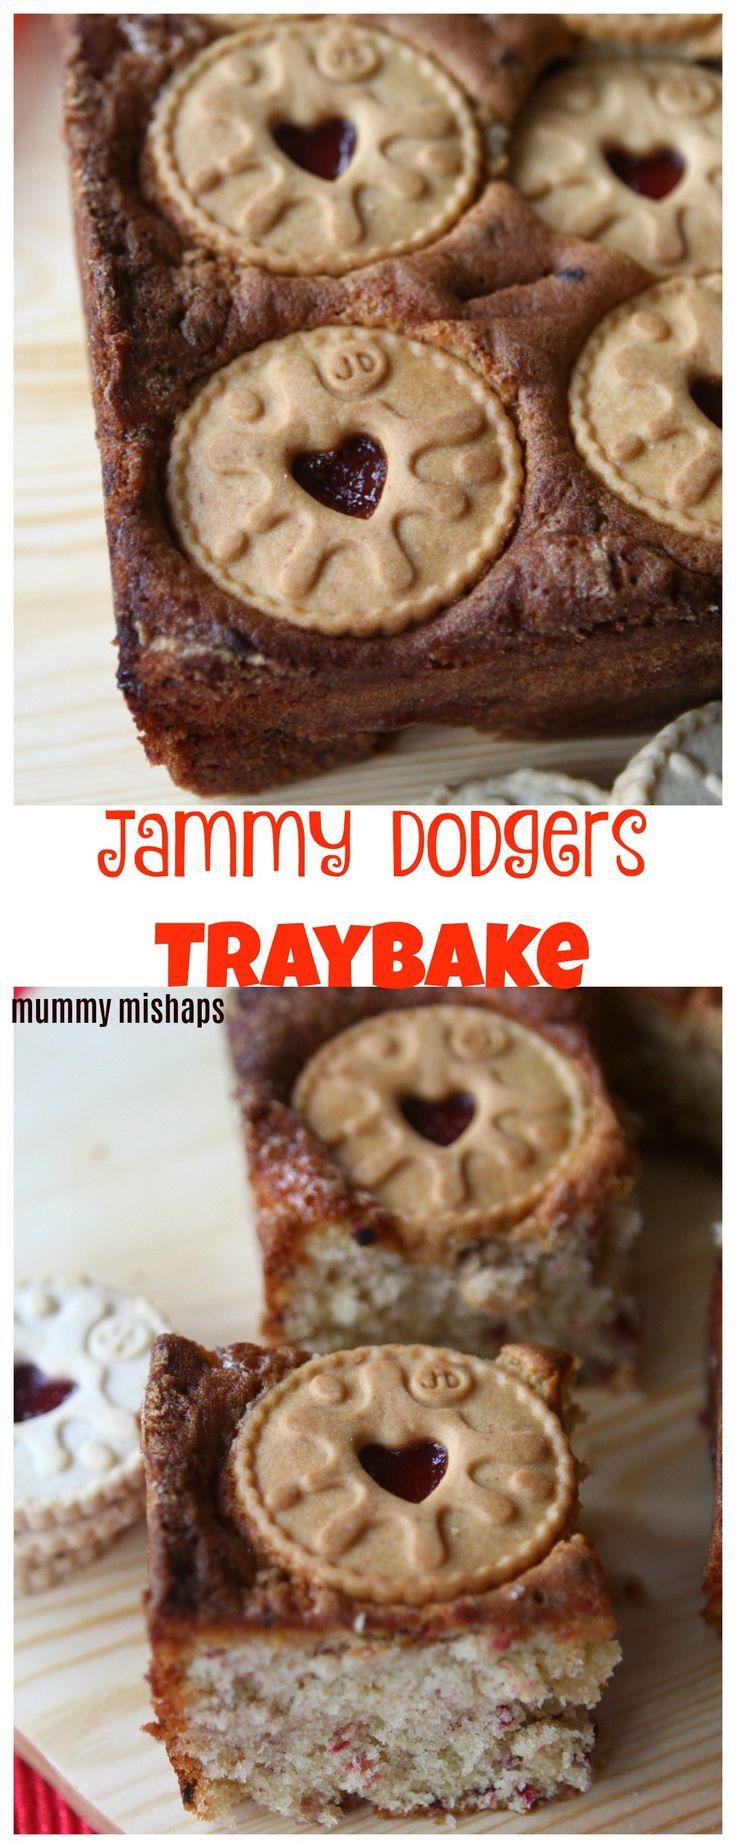 Jammy Dodgers Traybake Cake - mummy mishaps